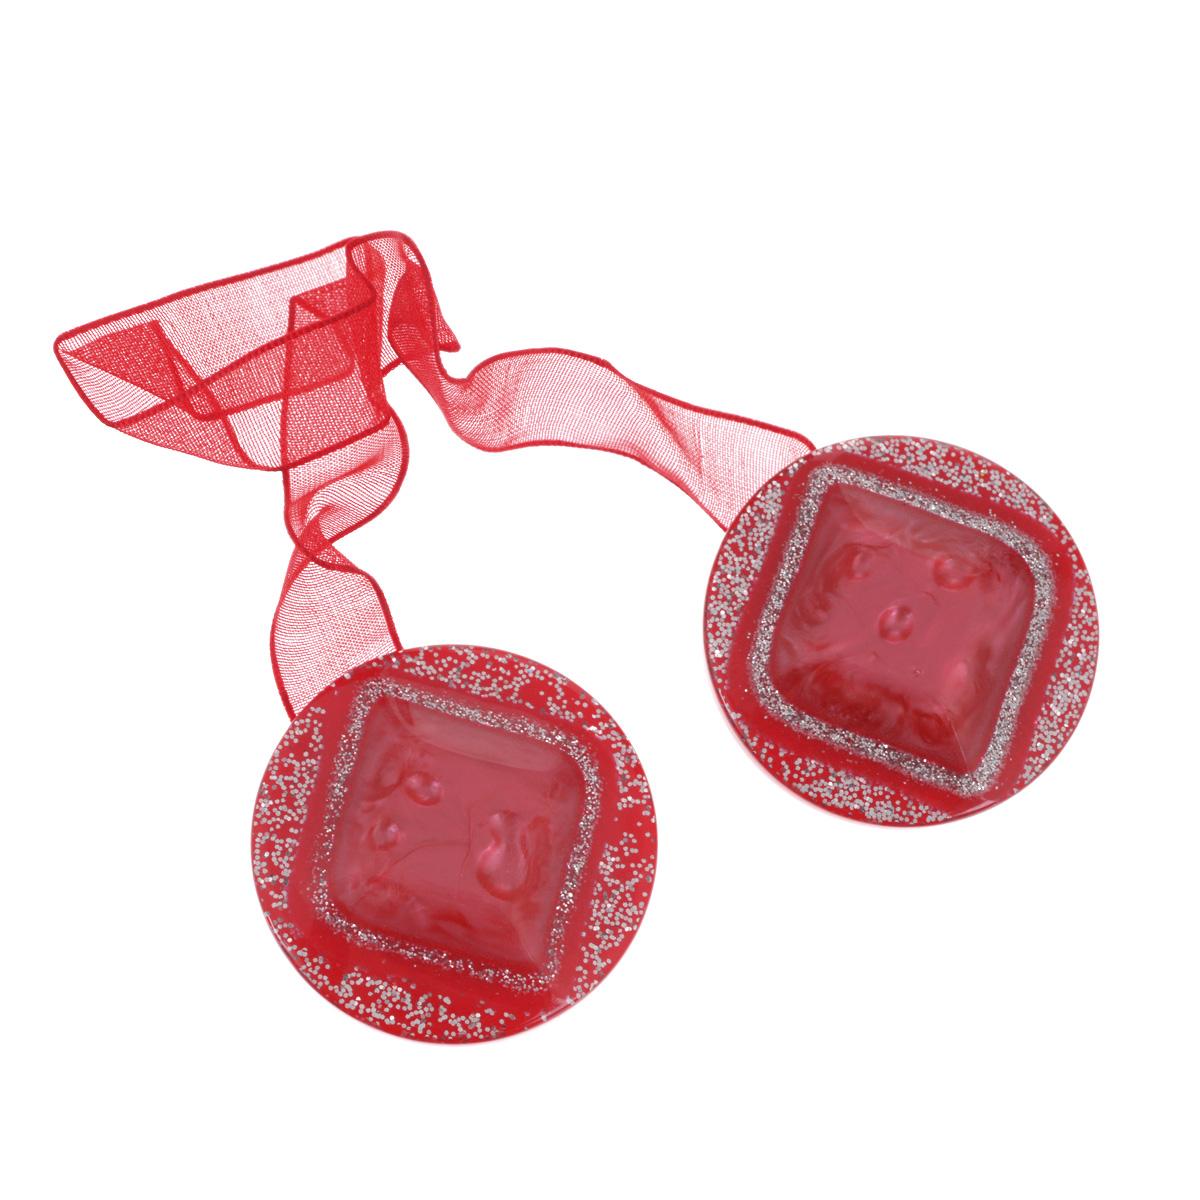 """Клипса-магнит """"Calamita Fiore"""", изготовленная из пластика и текстиля, предназначена для придания формы шторам. Изделие, декорированное блестками, представляет собой два магнита круглой формы, расположенные на разных концах текстильной ленты. С помощью такой магнитной клипсы можно зафиксировать портьеры, придать им требуемое положение, сделать складки симметричными или приблизить портьеры, скрепить их.   Клипсы для штор являются универсальным изделием, которое превосходно подойдет как для штор в детской комнате, так и для штор в гостиной. Следует отметить, что клипсы для штор выполняют не только практическую функцию, но также являются одной из основных деталей декора этого изделия, которая придает шторам восхитительный, стильный внешний вид. Материал: пластик, магнит, полиэстер. Диаметр клипсы: 4 см. Длина ленты: 28 см."""